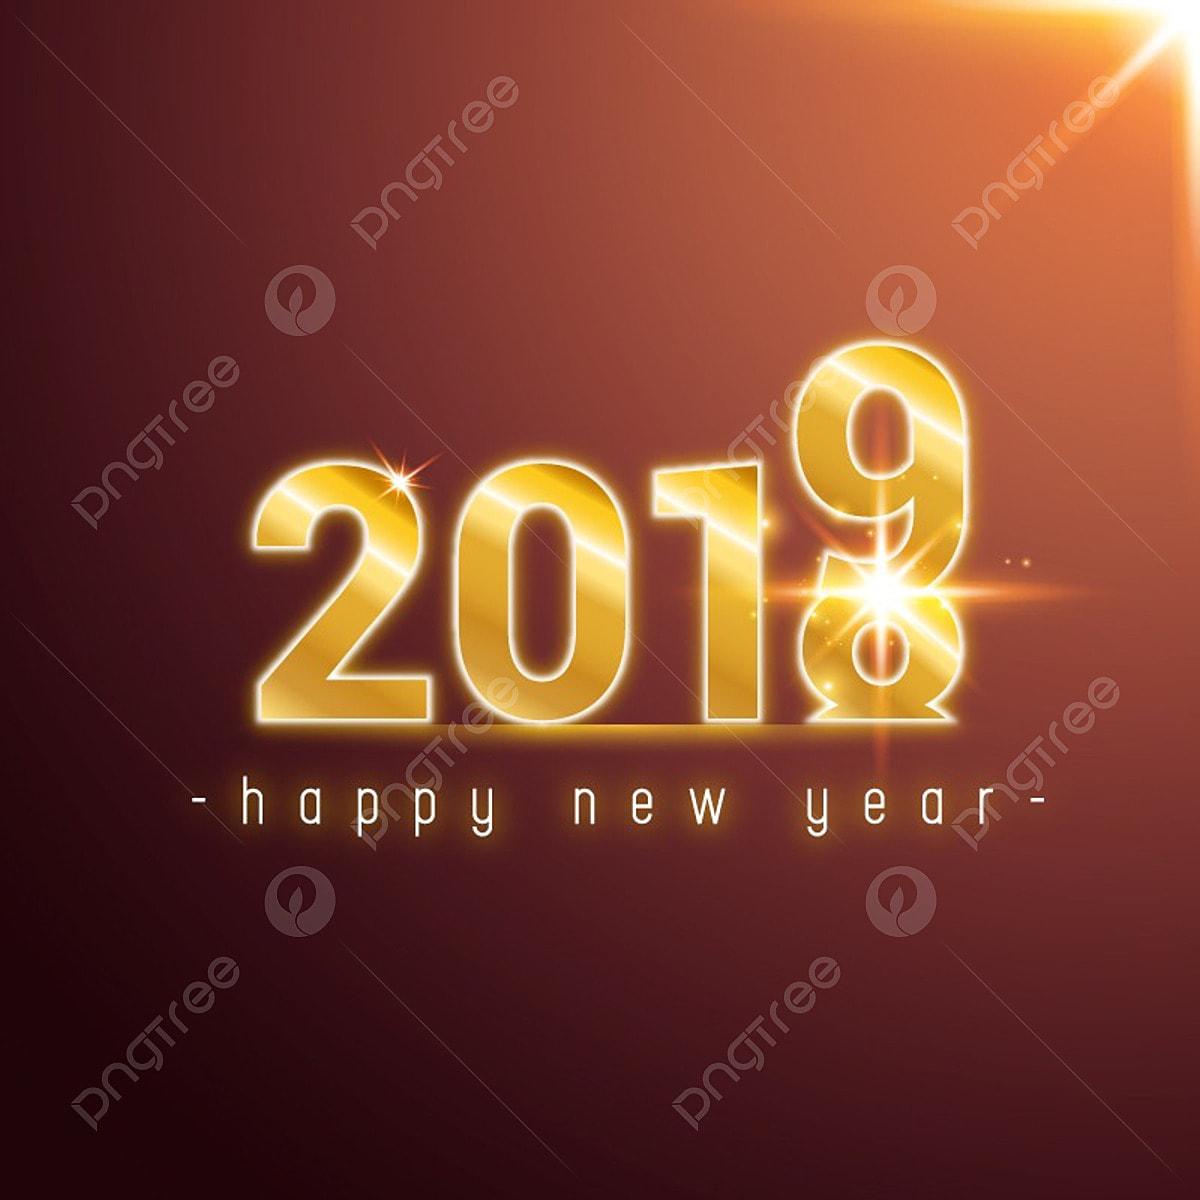 Happy New Year 2019 Background, 2019, Celebration, Holiday